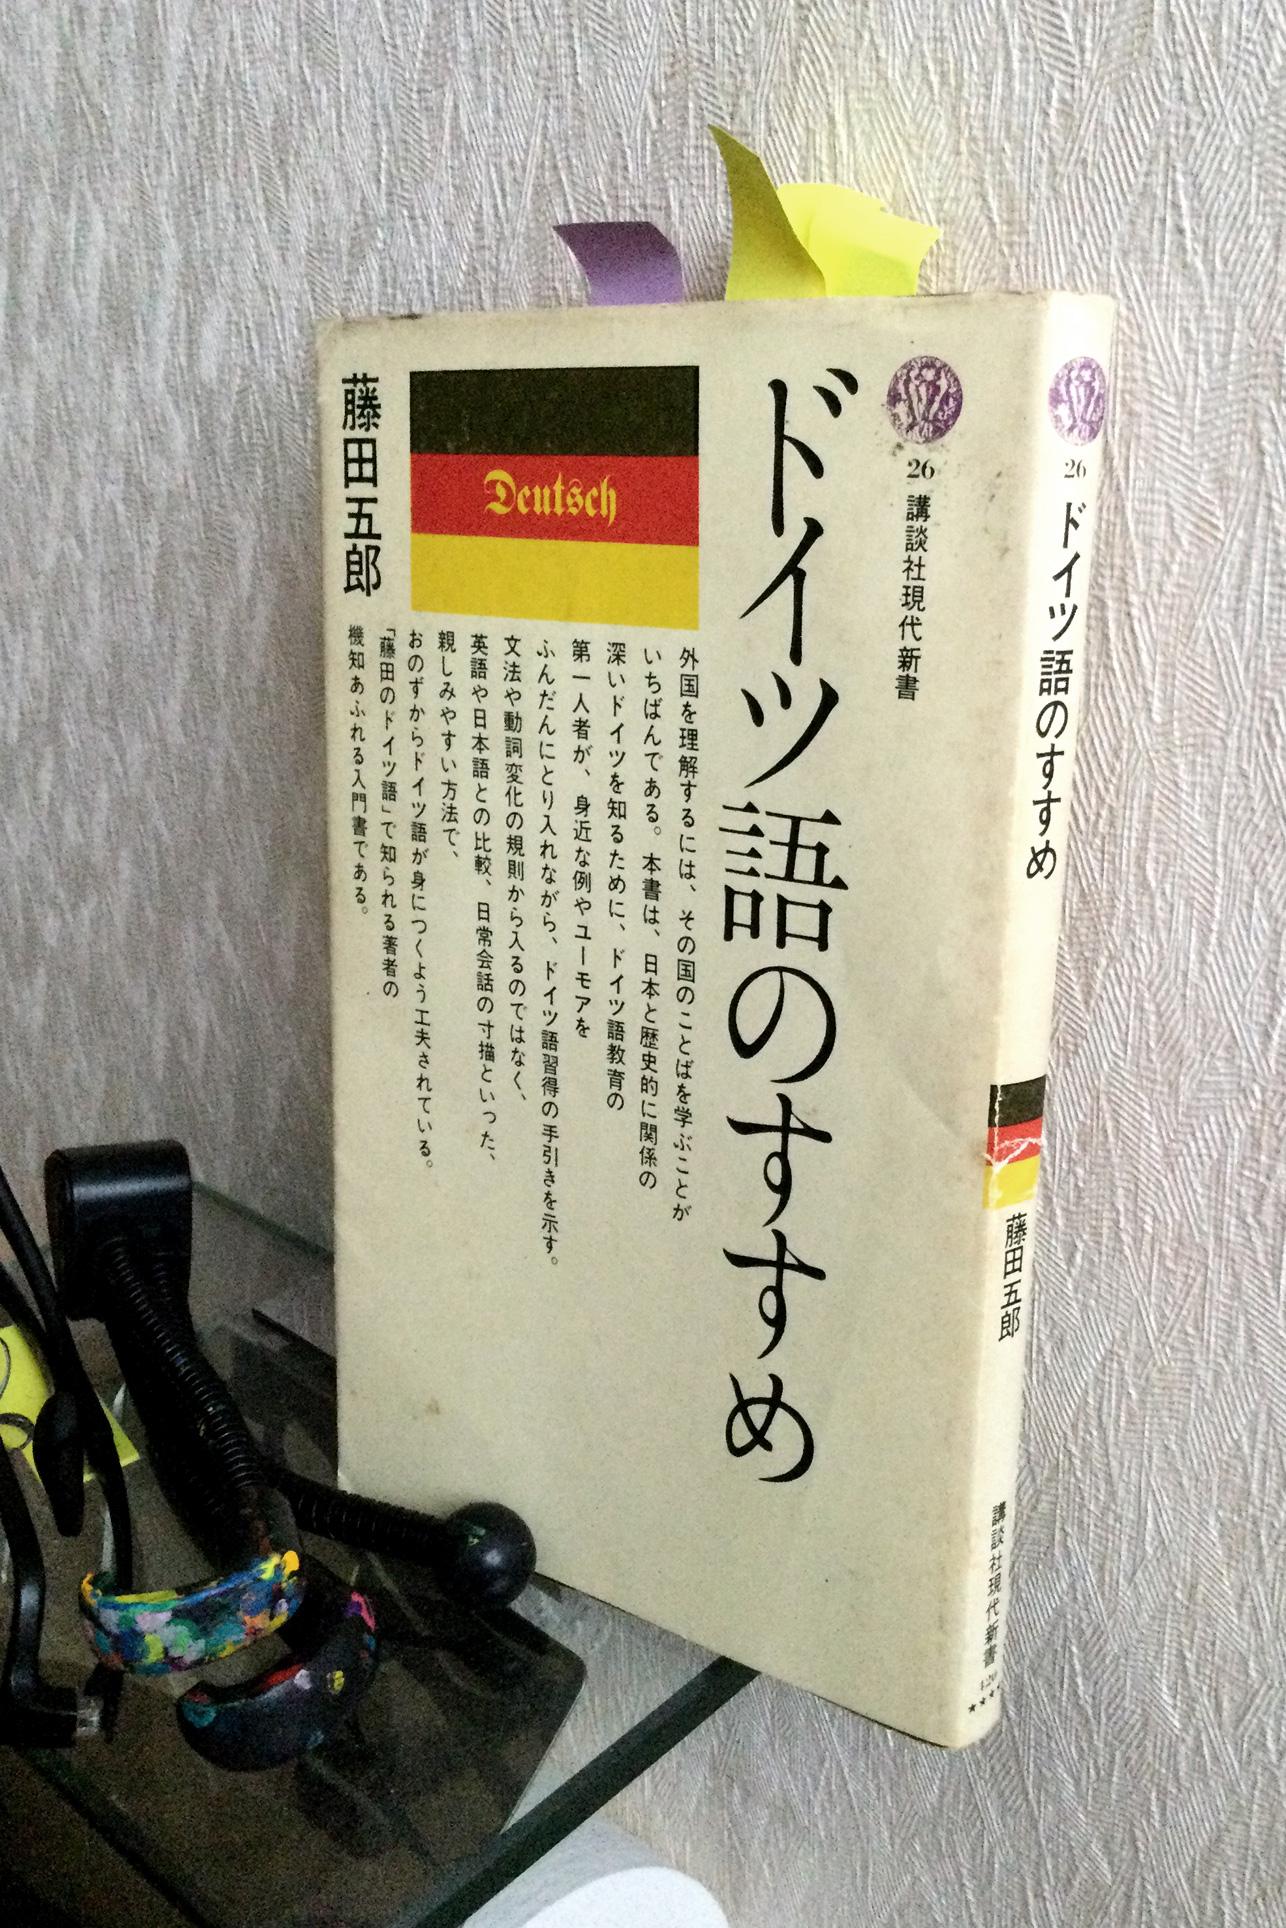 書籍ドイツ語のすすめ(藤田 五郎/講談社)」の表紙画像